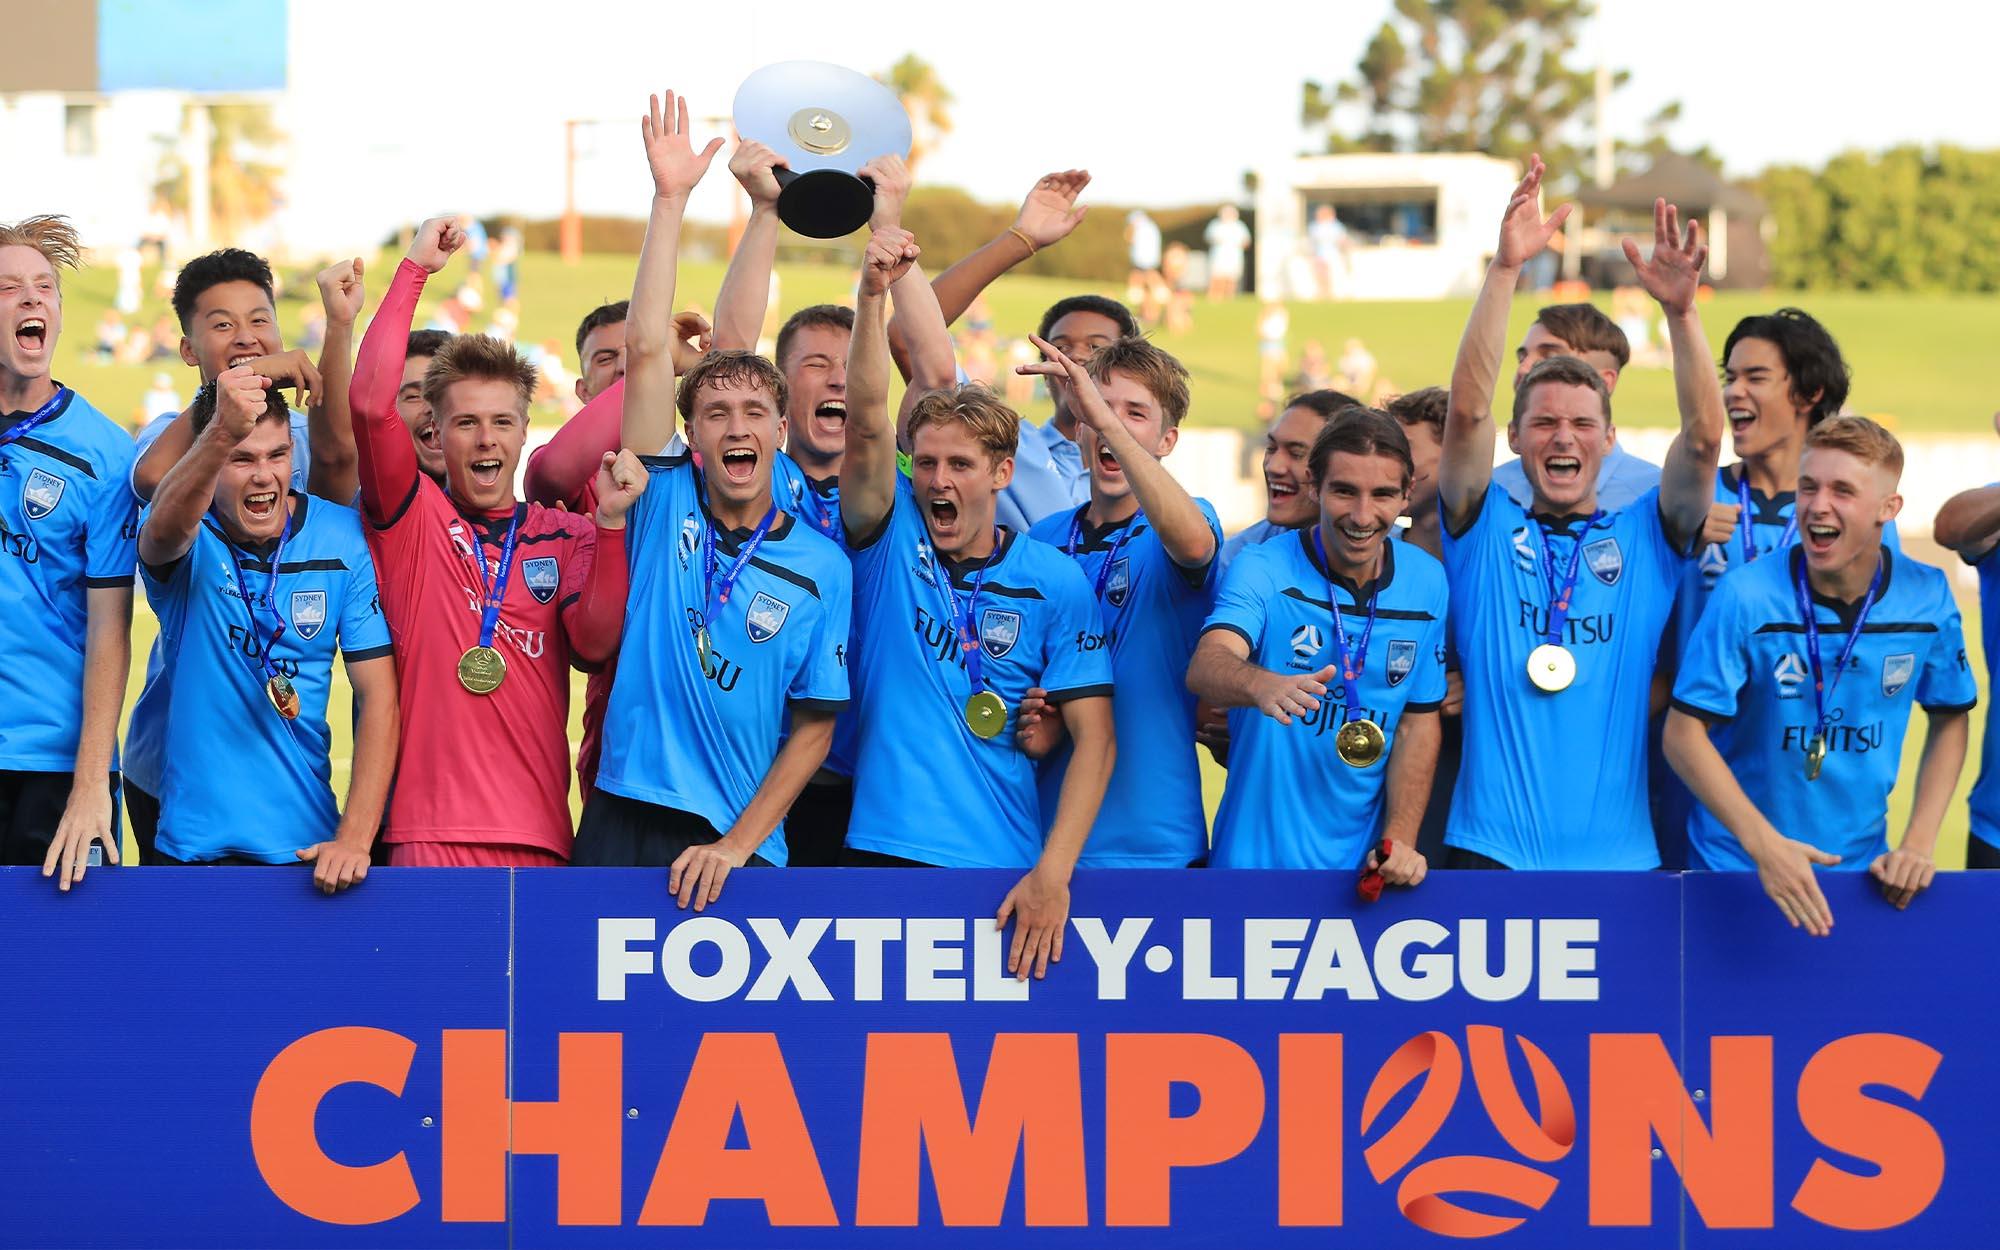 2019-20 Foxtel Y-League Champions